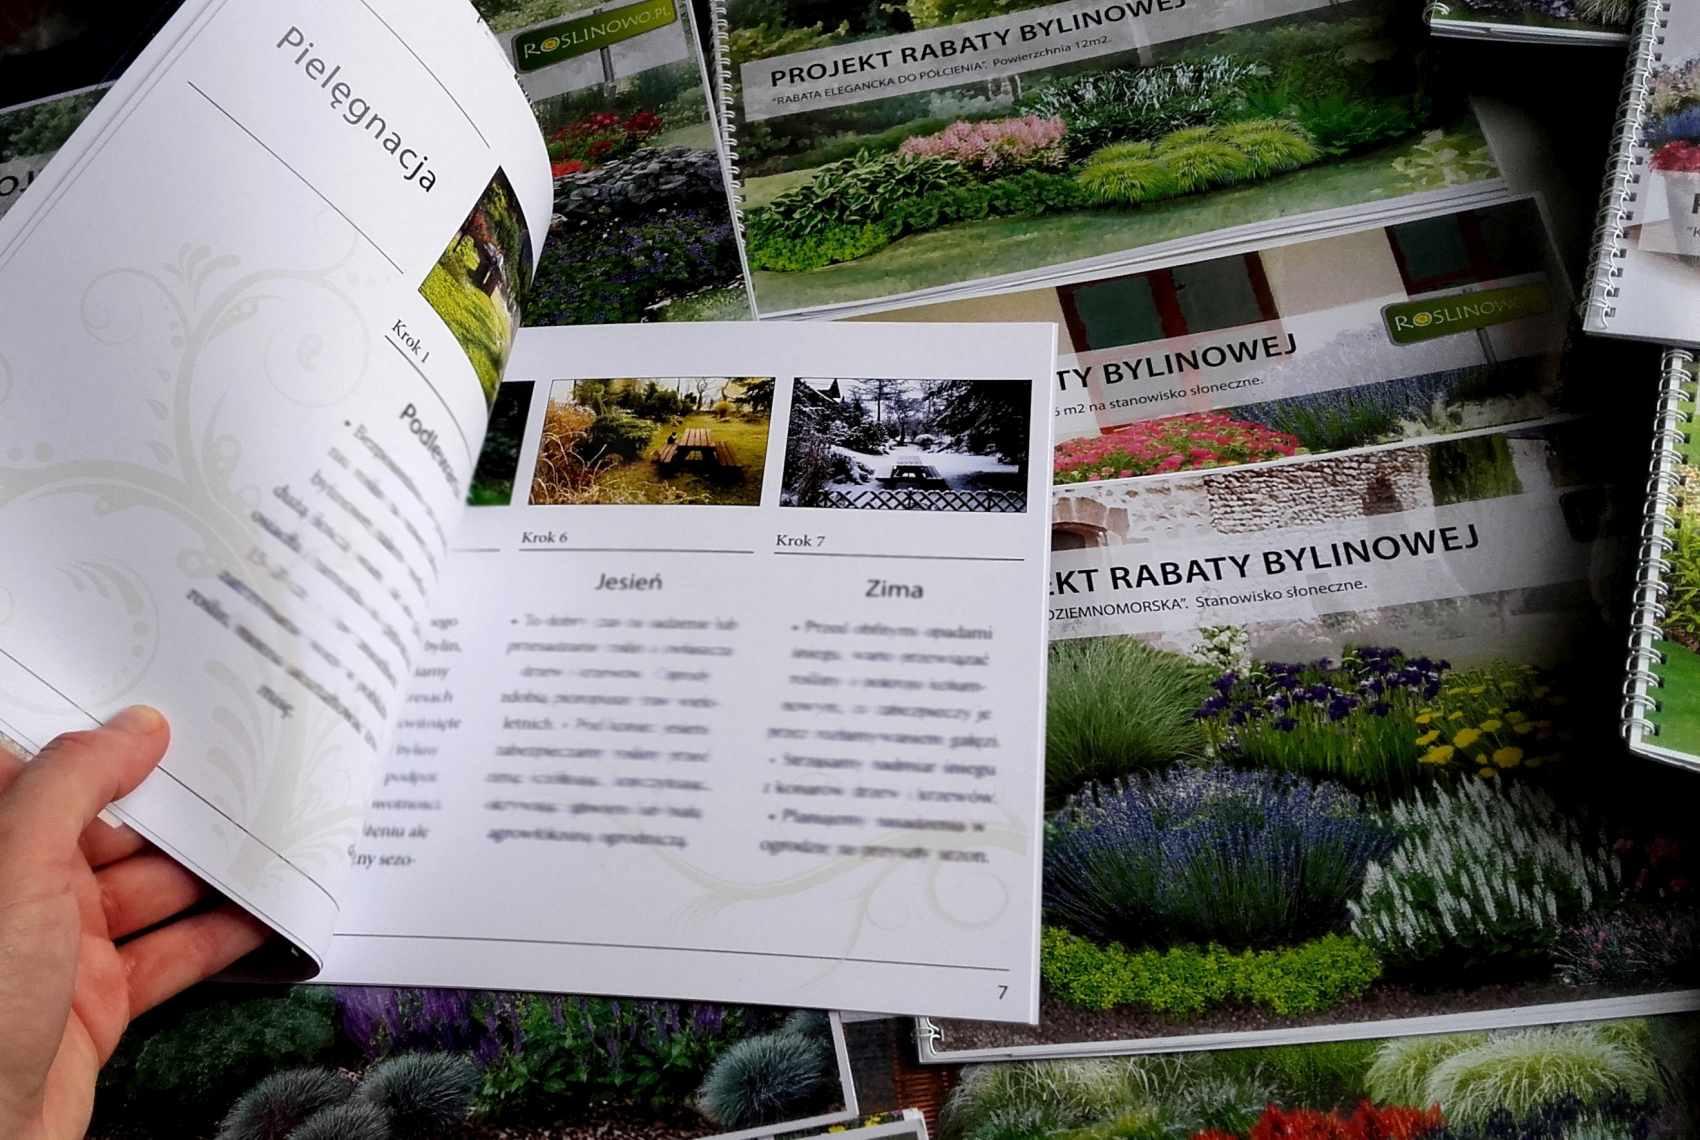 instrukcja - jak pielęgnować rośliny po posadzeniu na rabacie bylinowej.